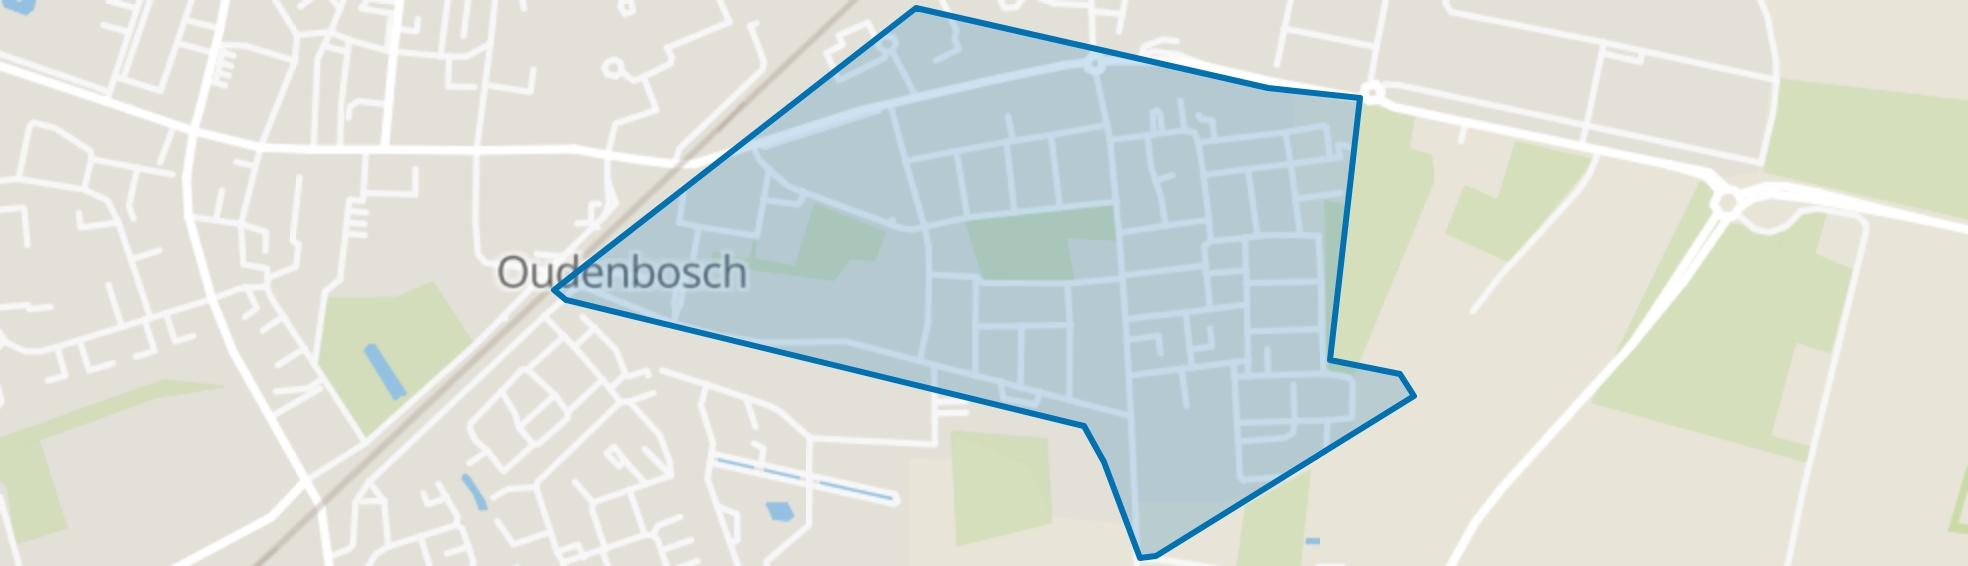 Pagnevaart, Oudenbosch map